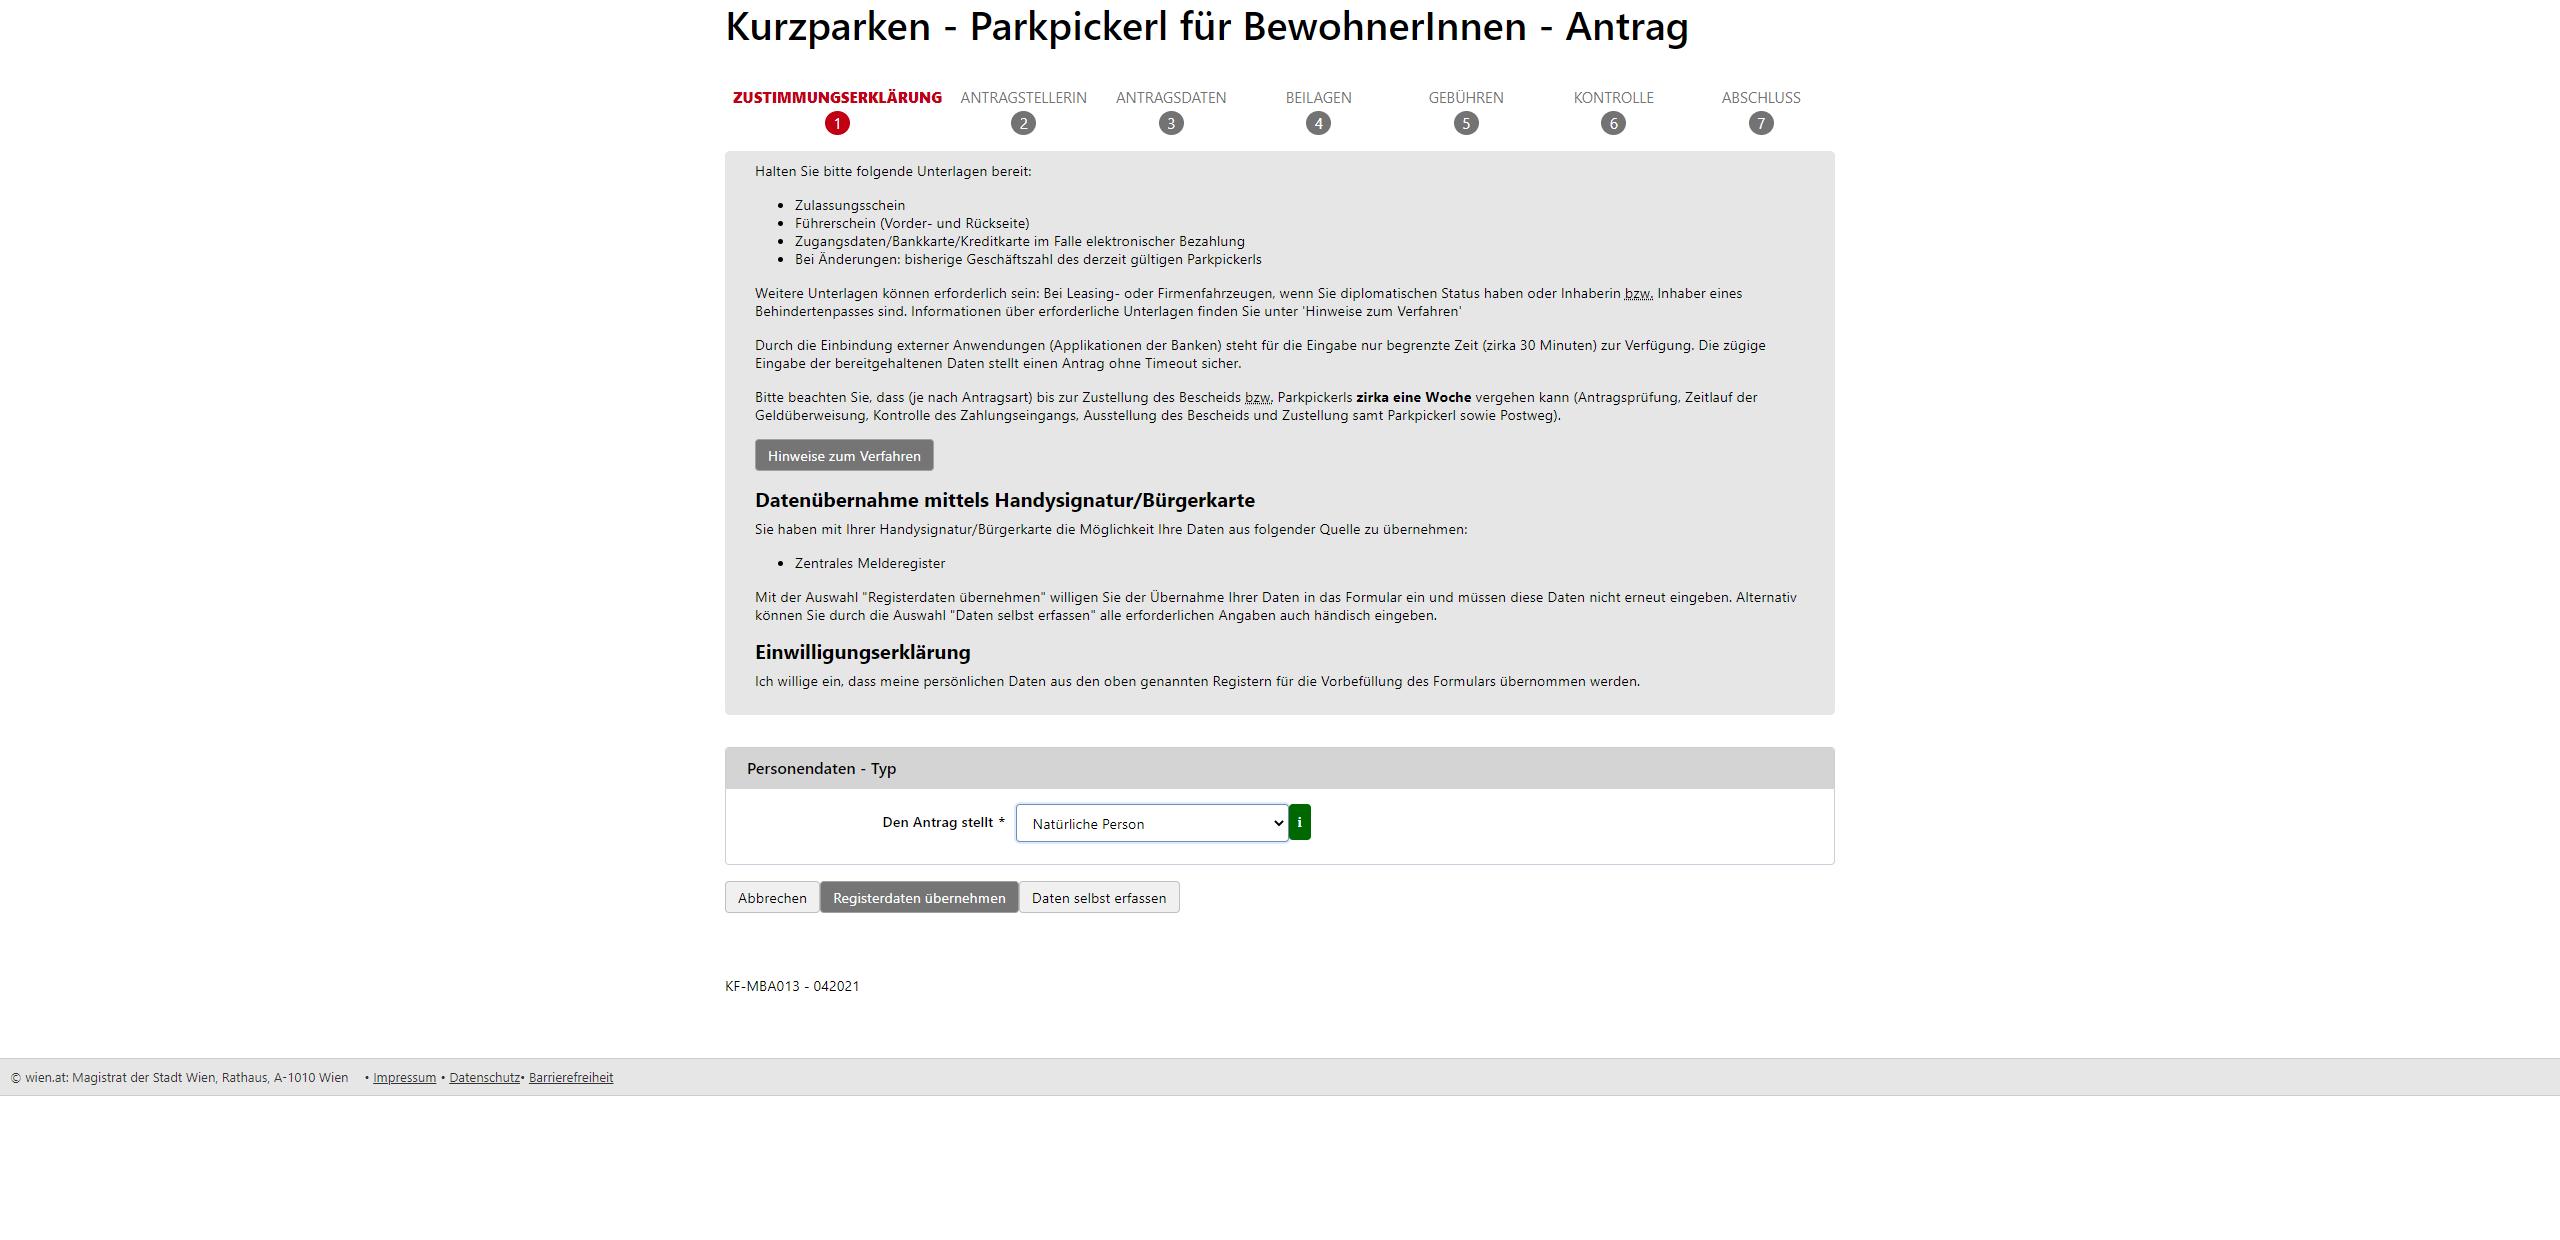 Screenshot Antrag stellen - Kurzparken Parkpickerl für BewohnerInnen